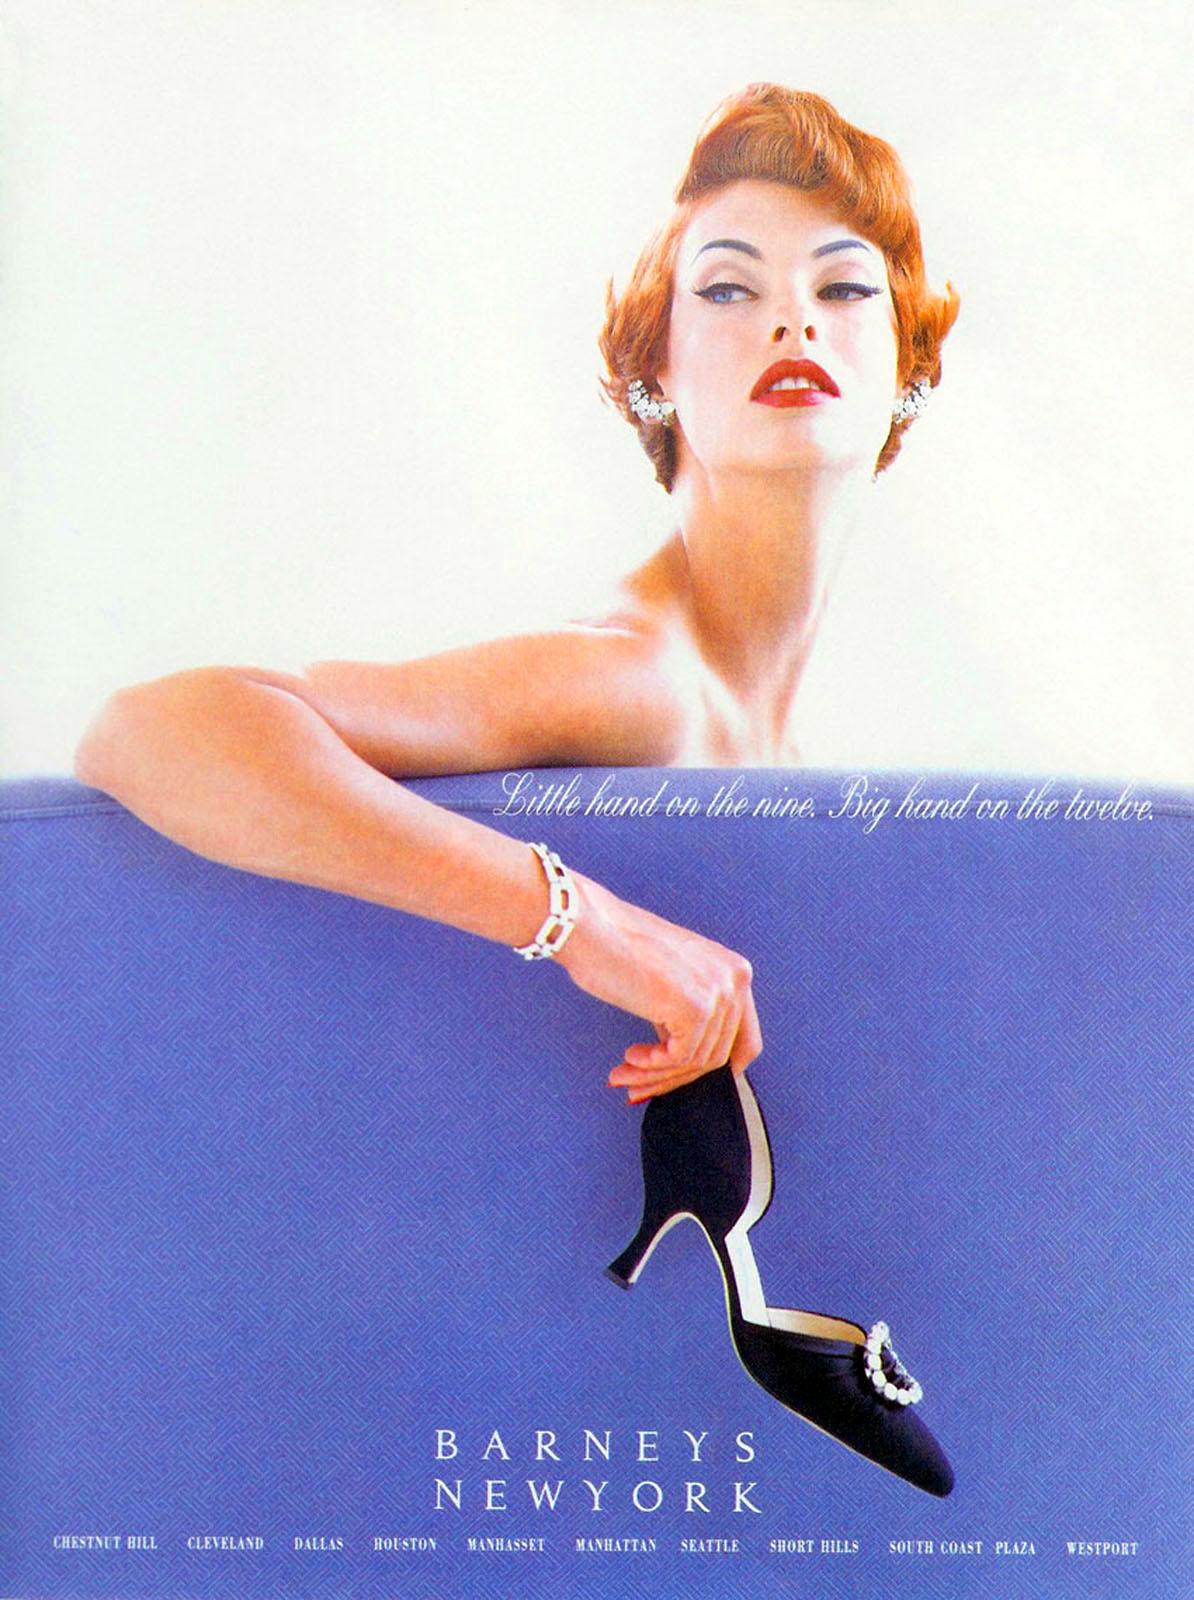 http://3.bp.blogspot.com/_ASzMR8q_zZ4/TSQtmuc3SuI/AAAAAAAACLE/ACgBmy9ZGb0/s1600/1600-LINDA-BARNEYS-1991-VOGUE-SPIRIT-RESTORATION.jpg